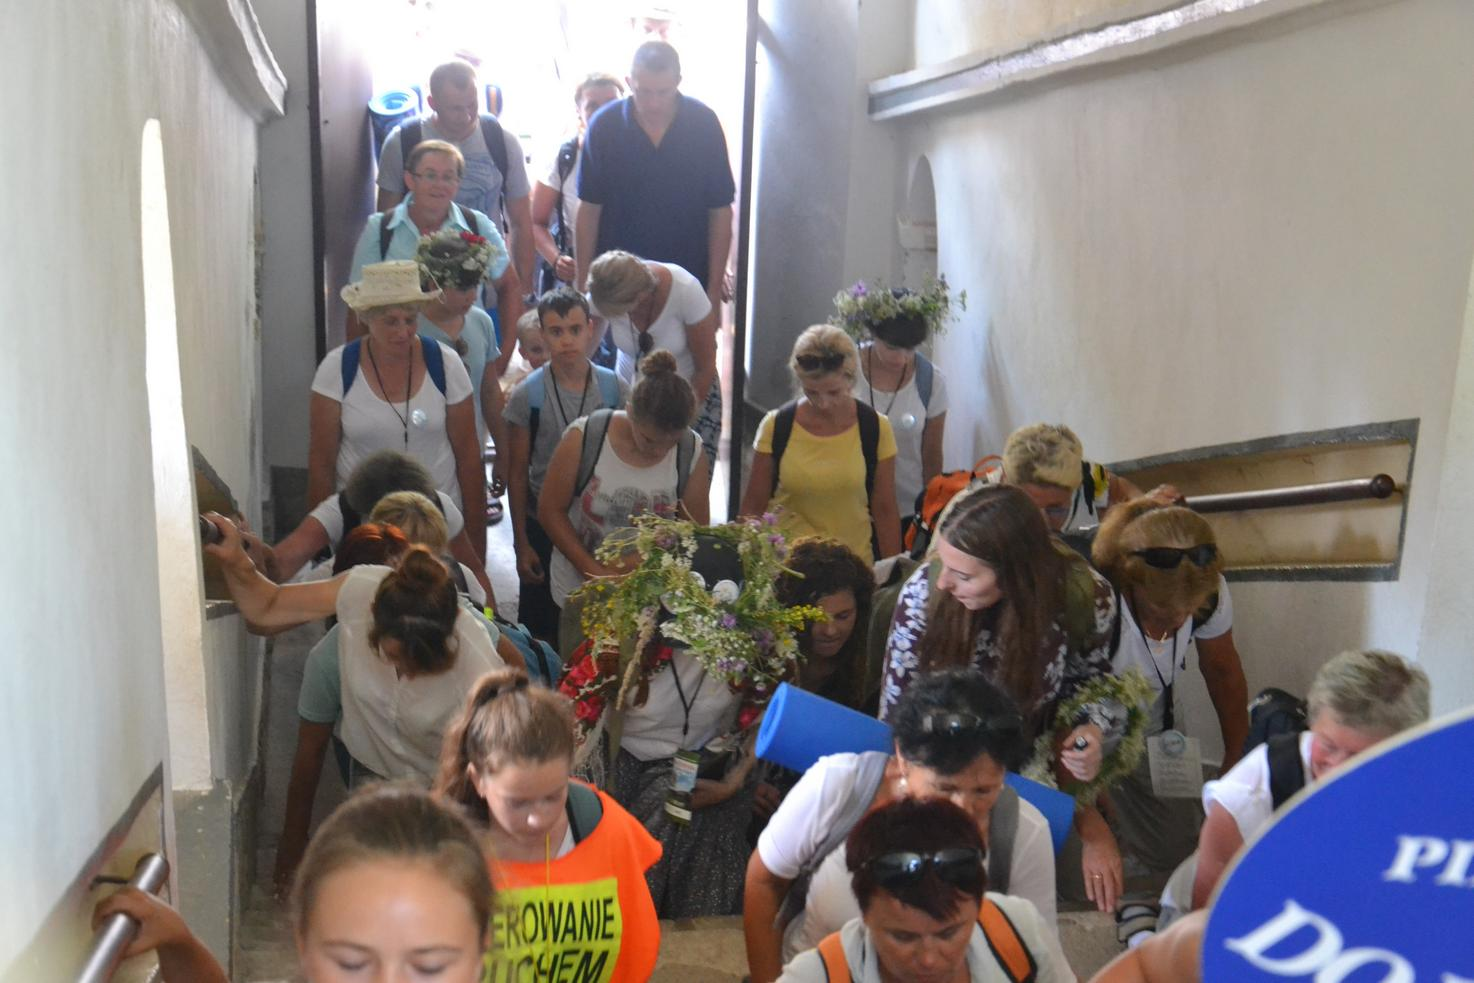 15 Piesza Pielgrzymka Krosno - Kalwaria Pacławska - dzień czwarty 12 sierpnia 2017 (62)